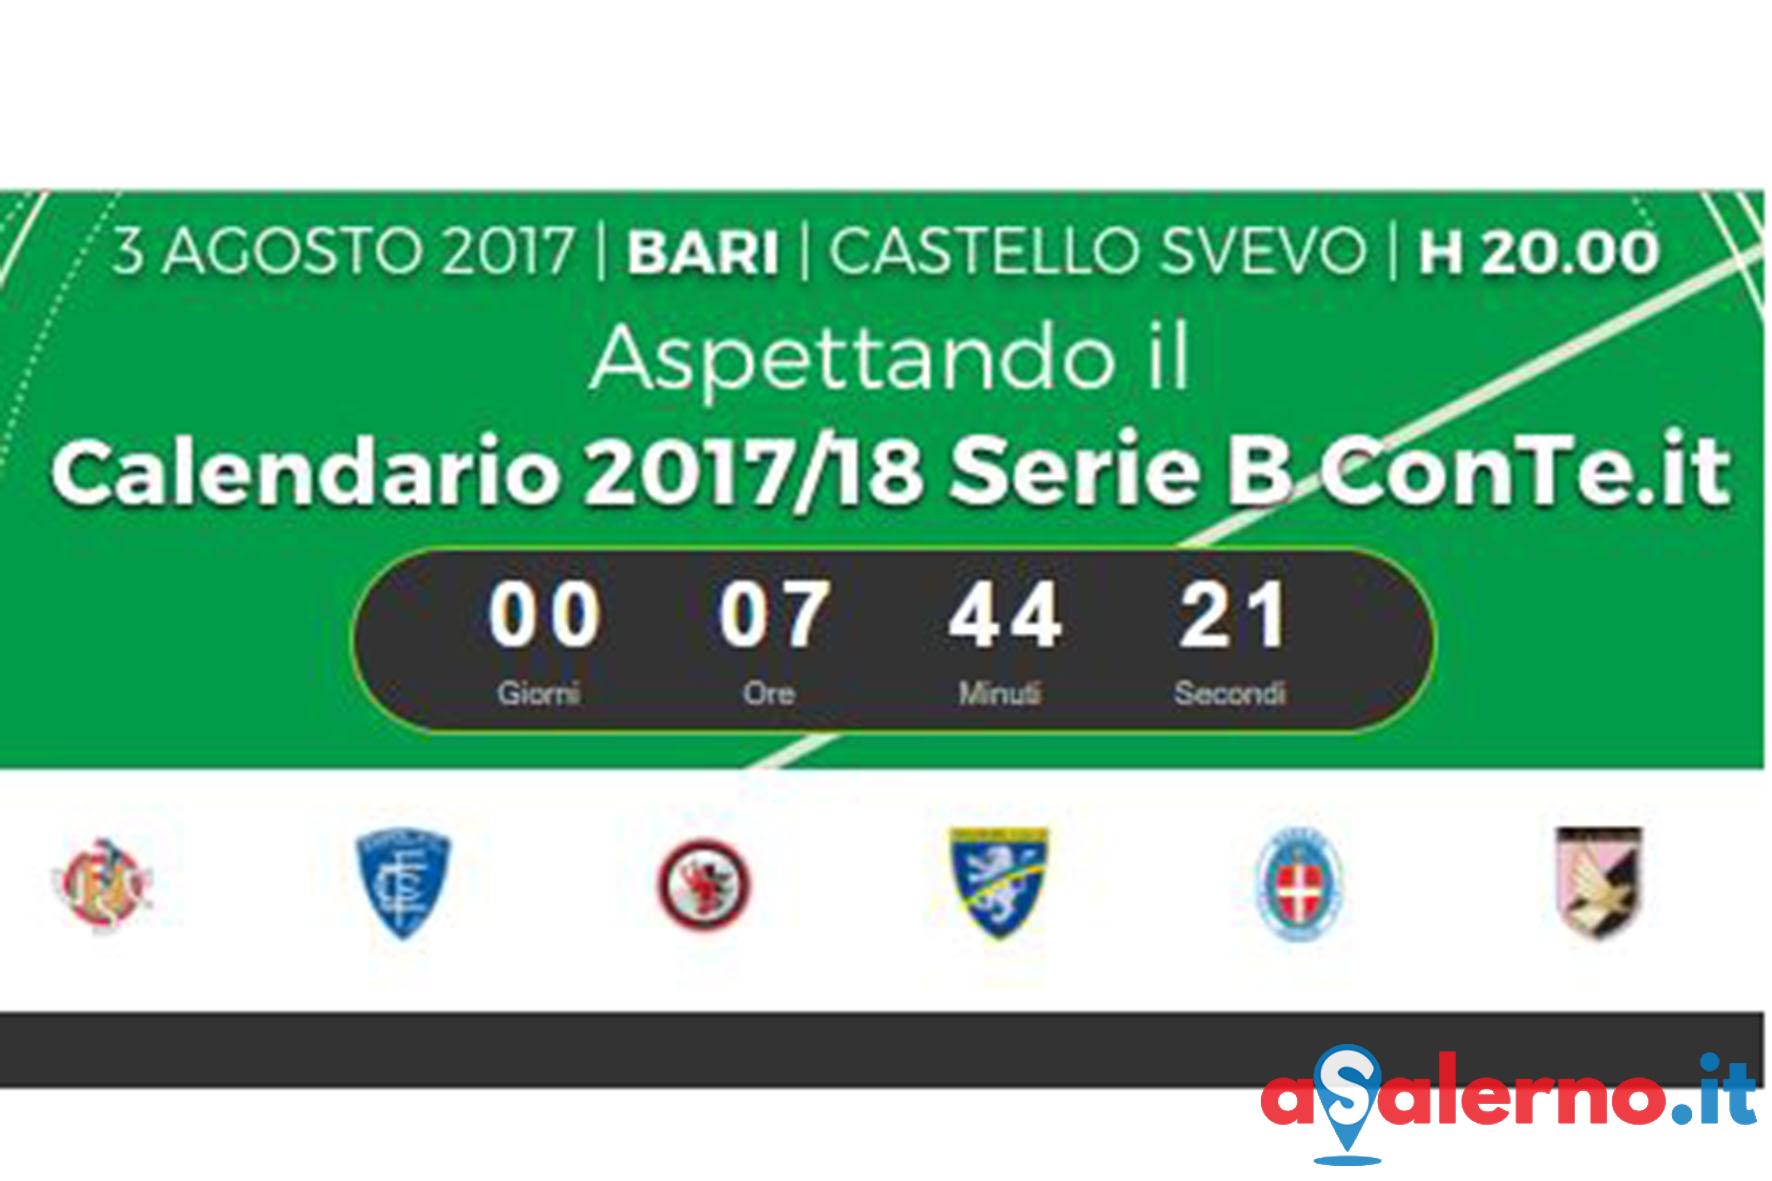 Calendario Serie B Bari.Stasera Alle 20 Si Sapra Il Cammino Della Salernitana Nella